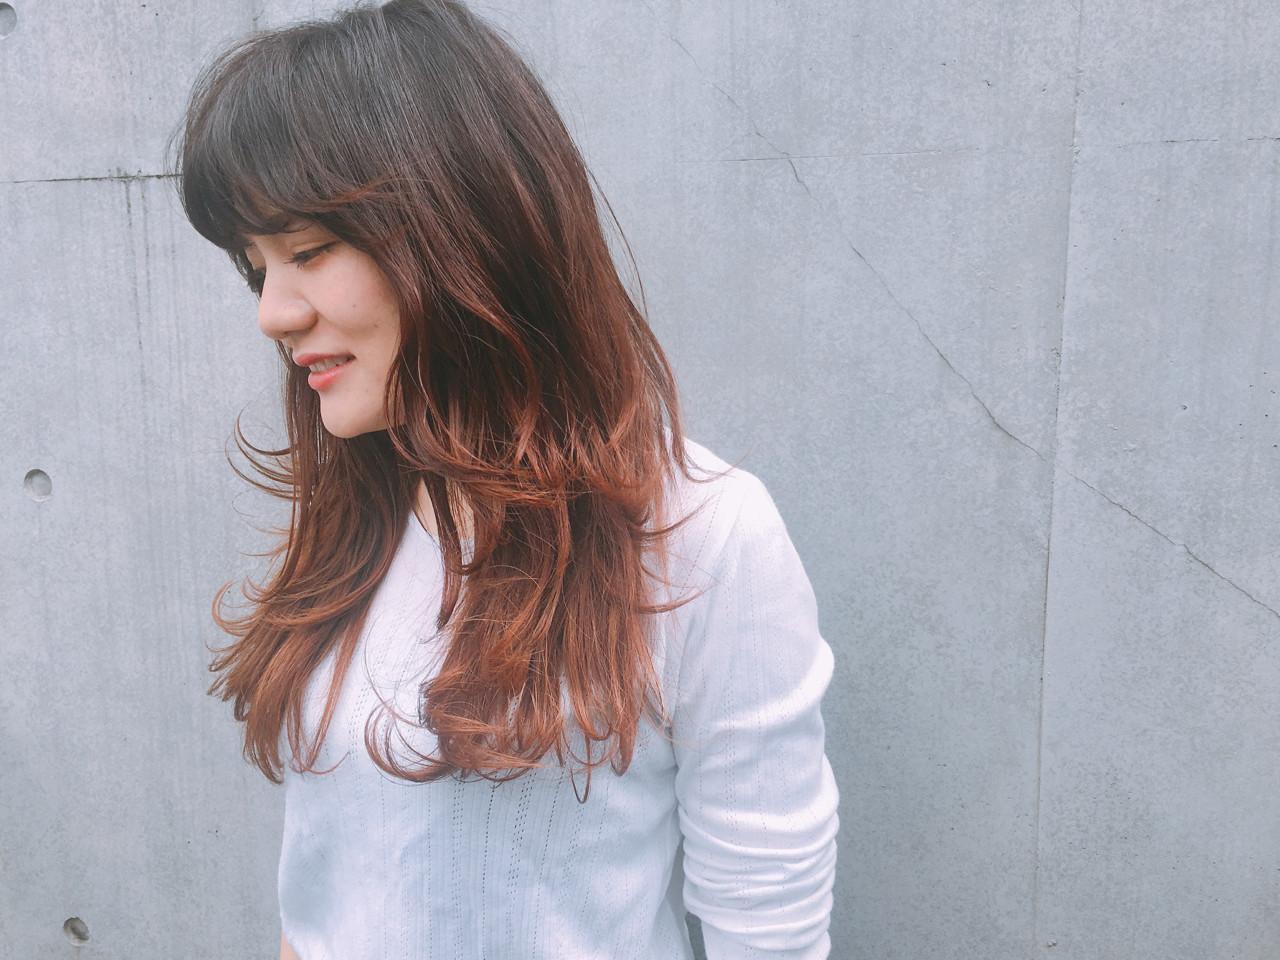 フリンジバング ウルフカット バレイヤージュ ロング ヘアスタイルや髪型の写真・画像